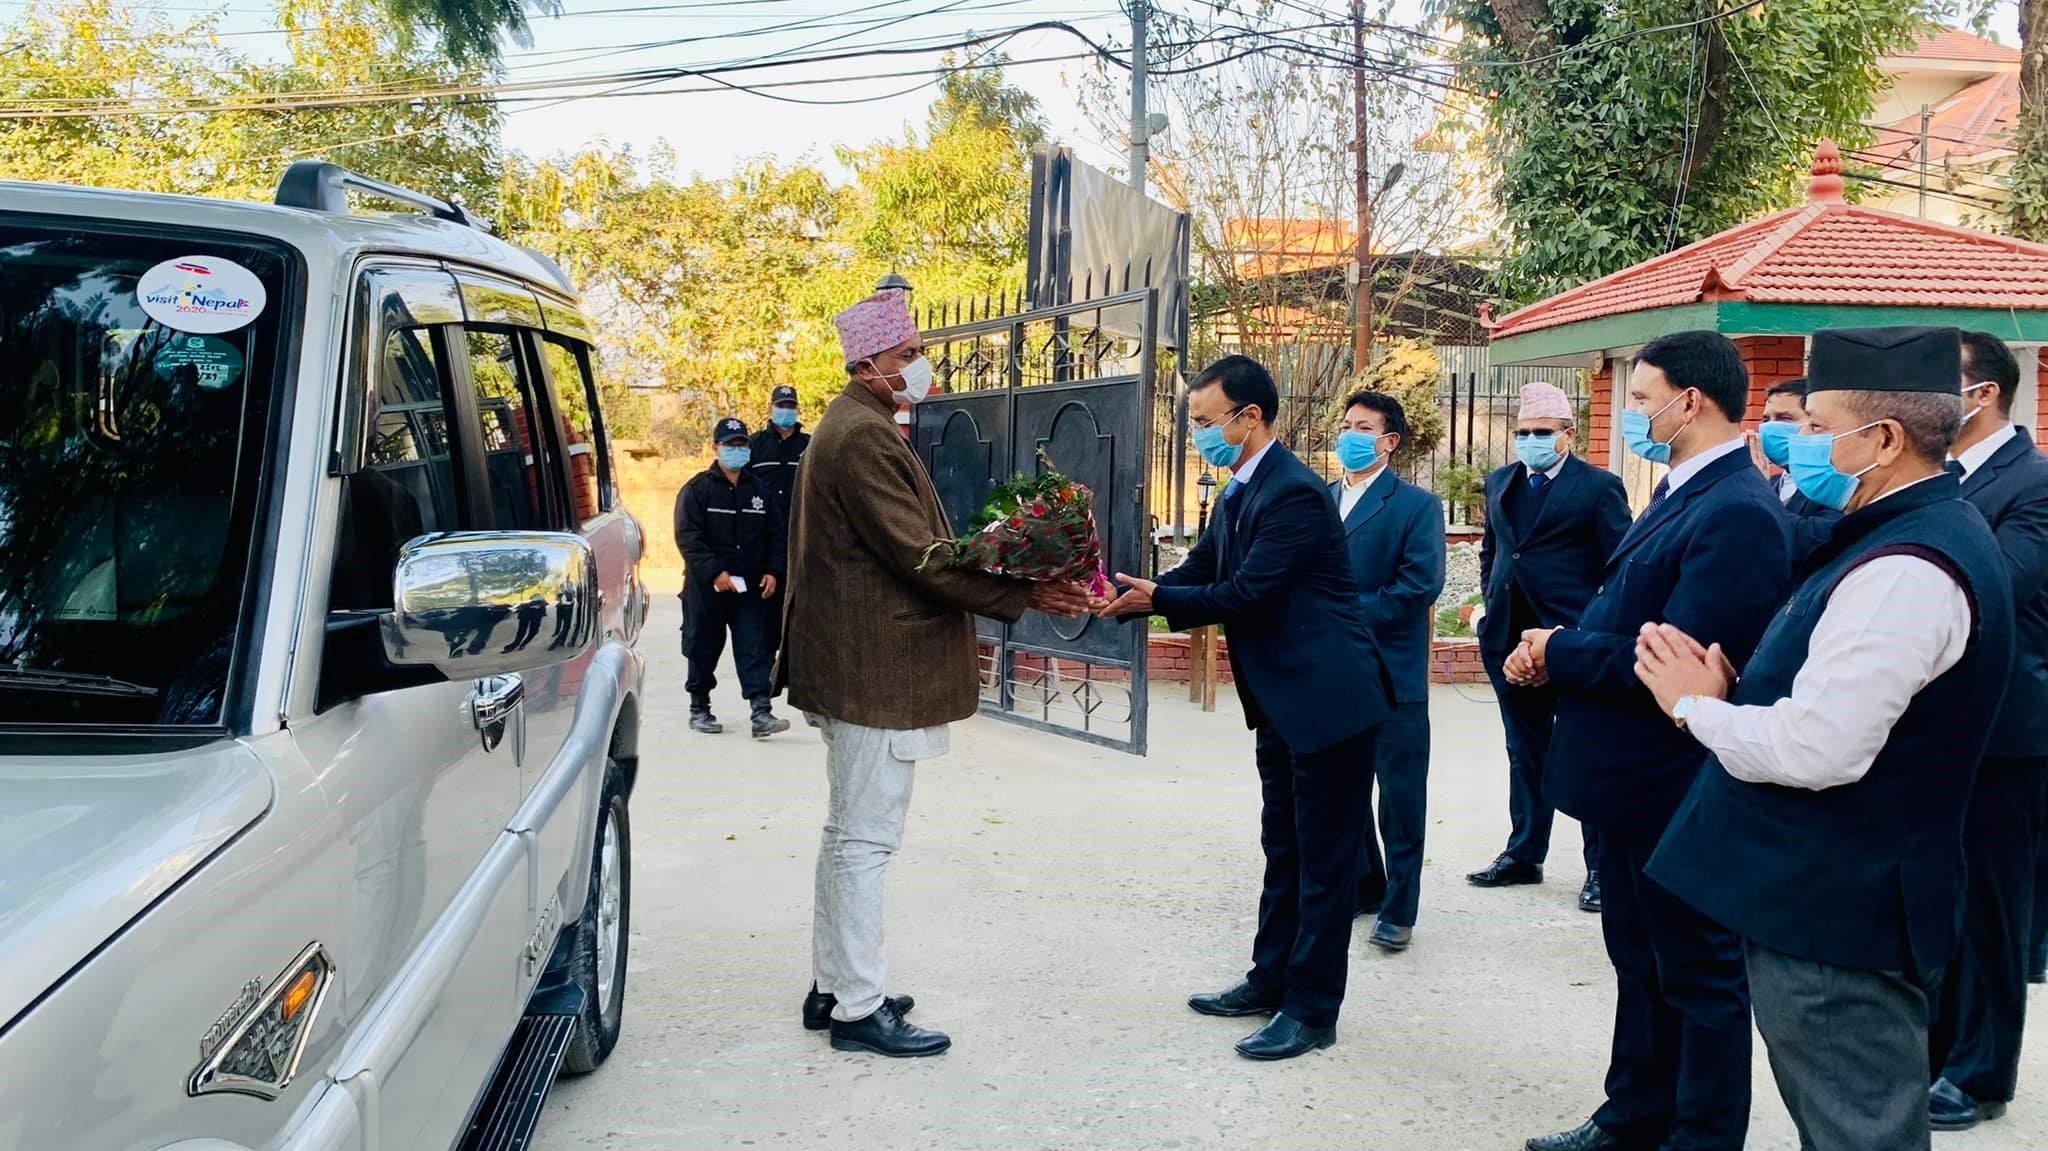 श्रीमान सचिवज्युको नेपाल पर्यटन तथा होटल व्यवस्थापन प्रतिष्ठान, रविभवन, काठमाडौंमा